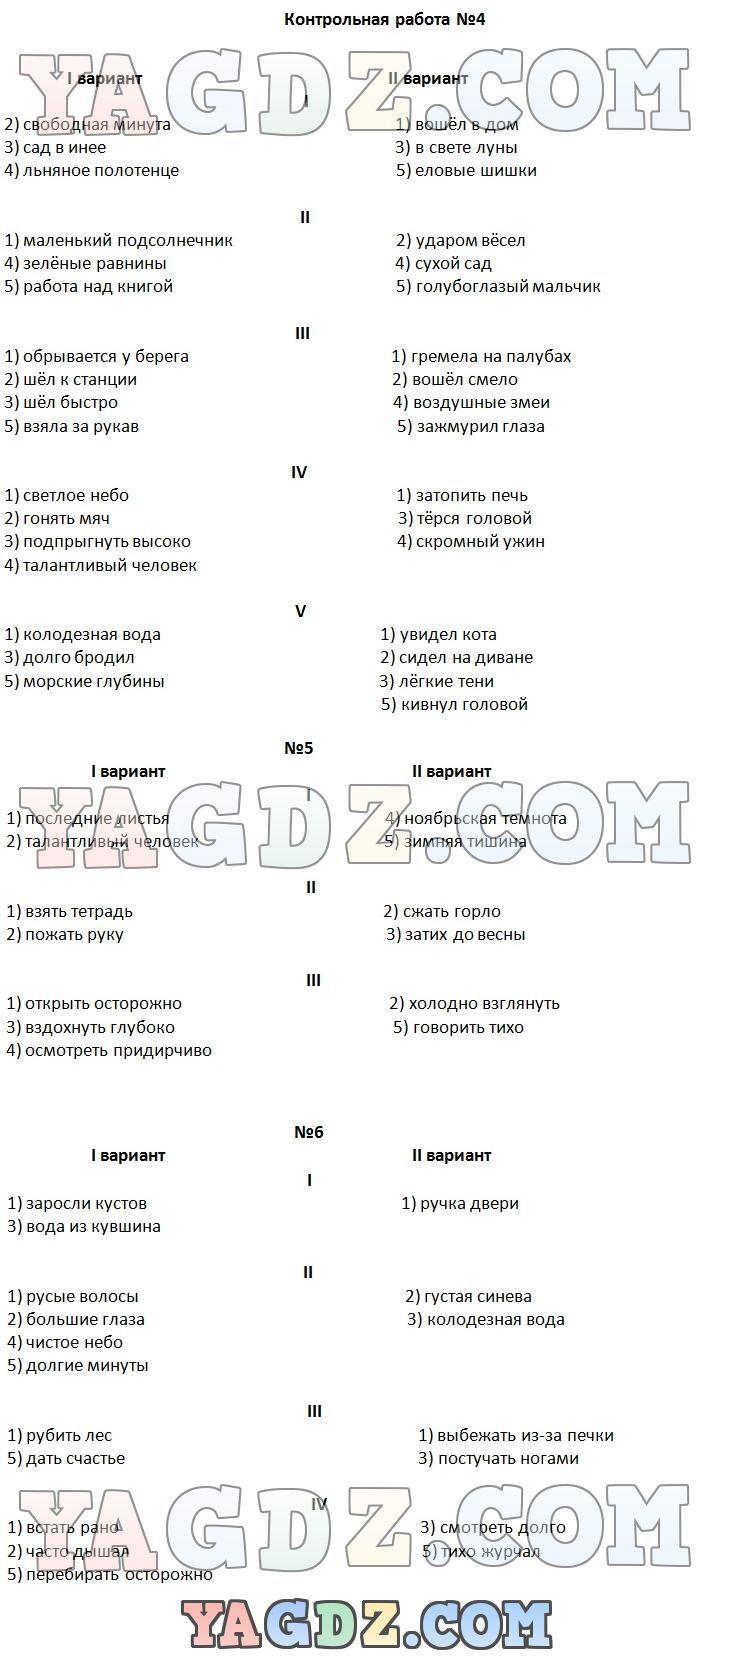 Репкин русский язык 7 класс гдз бесплатно